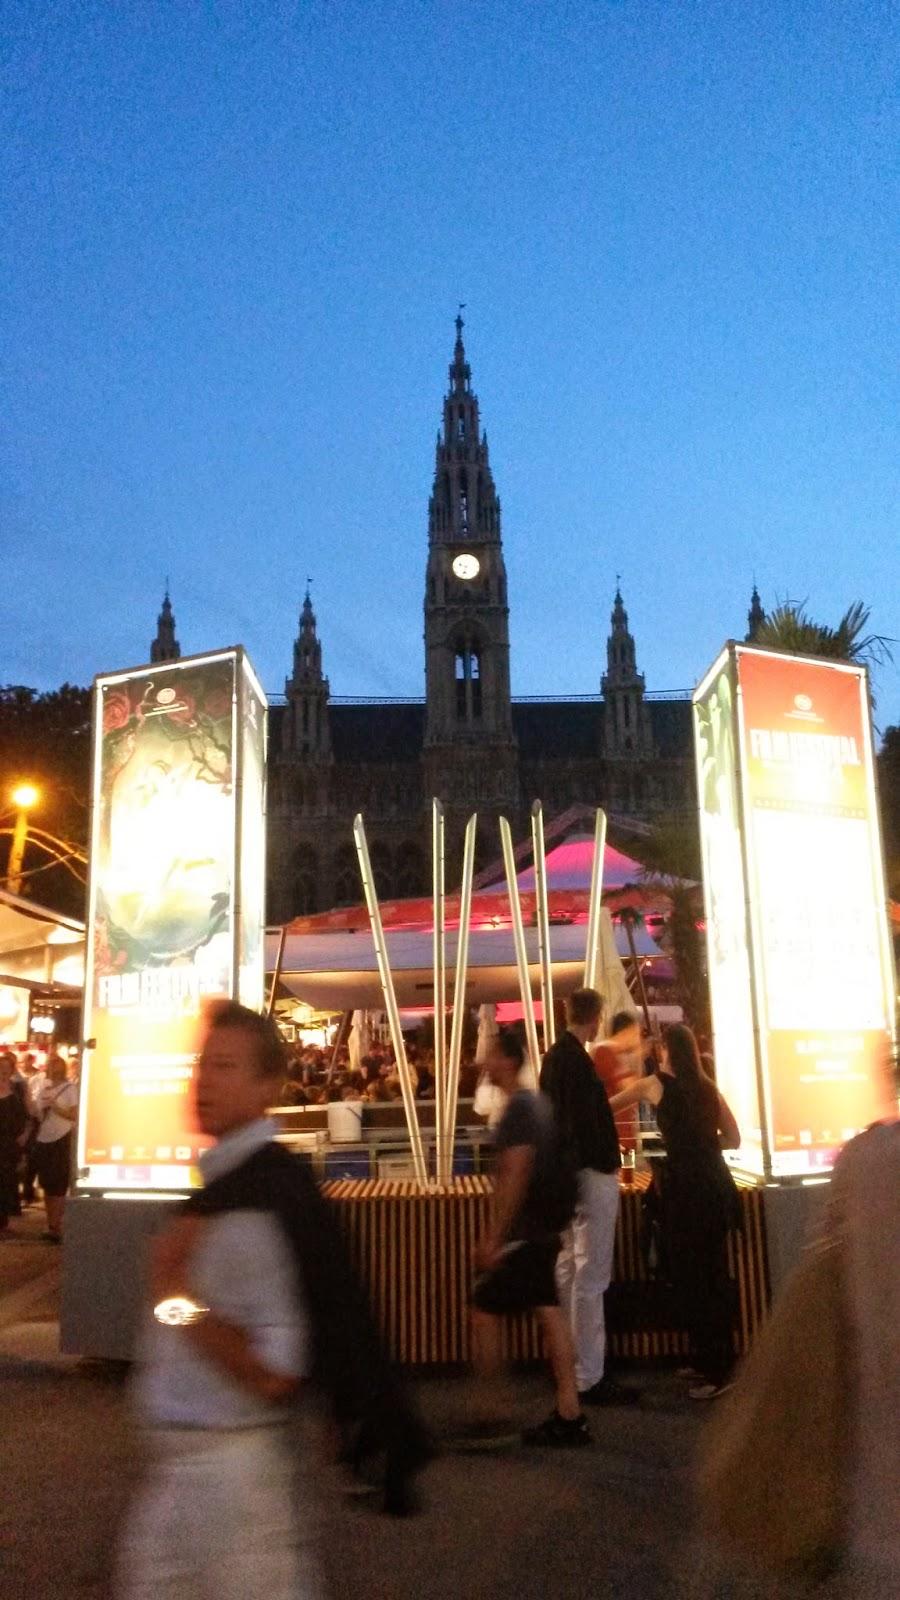 Filmfestival am Rathausplatz Wien